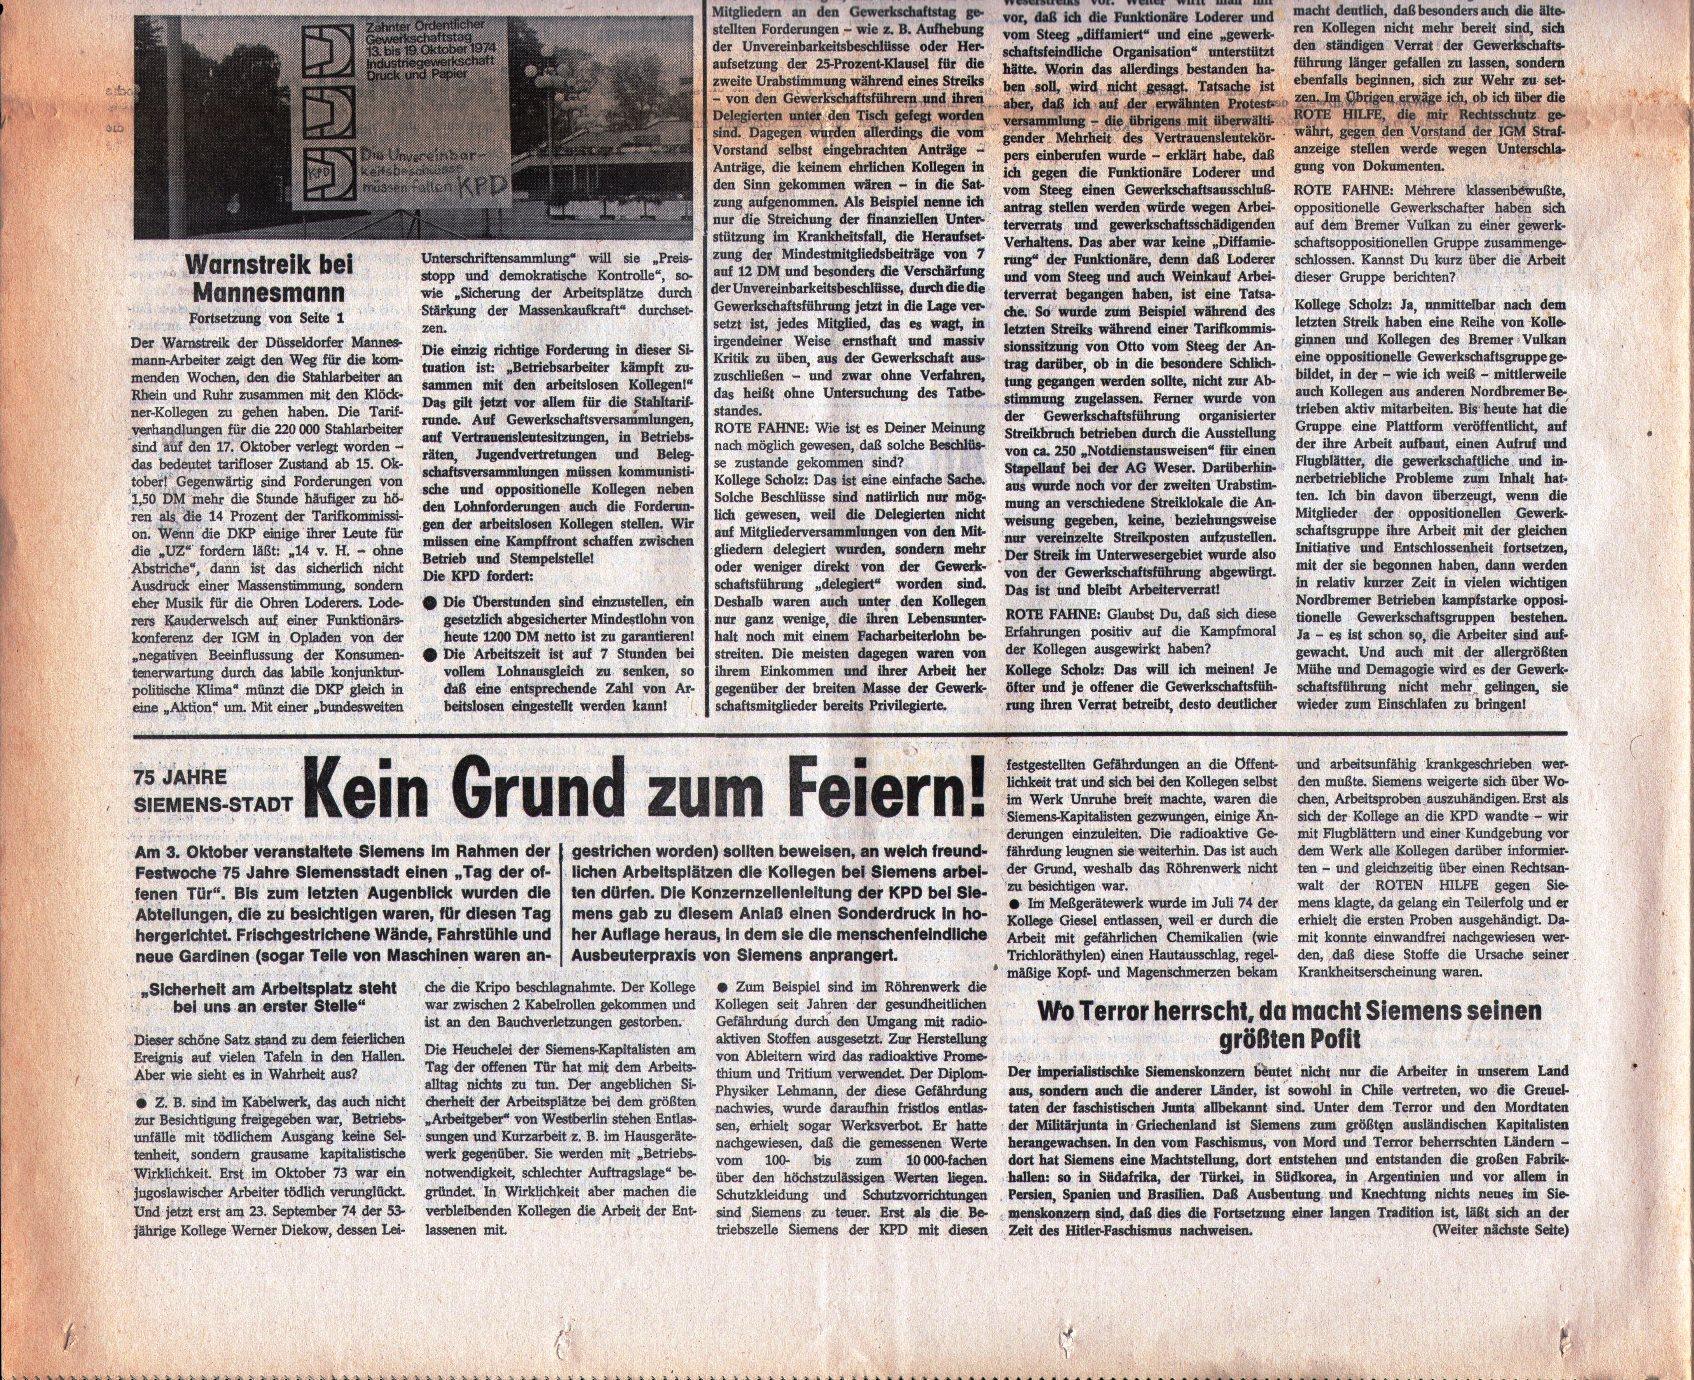 KPD_Rote_Fahne_1974_42_08